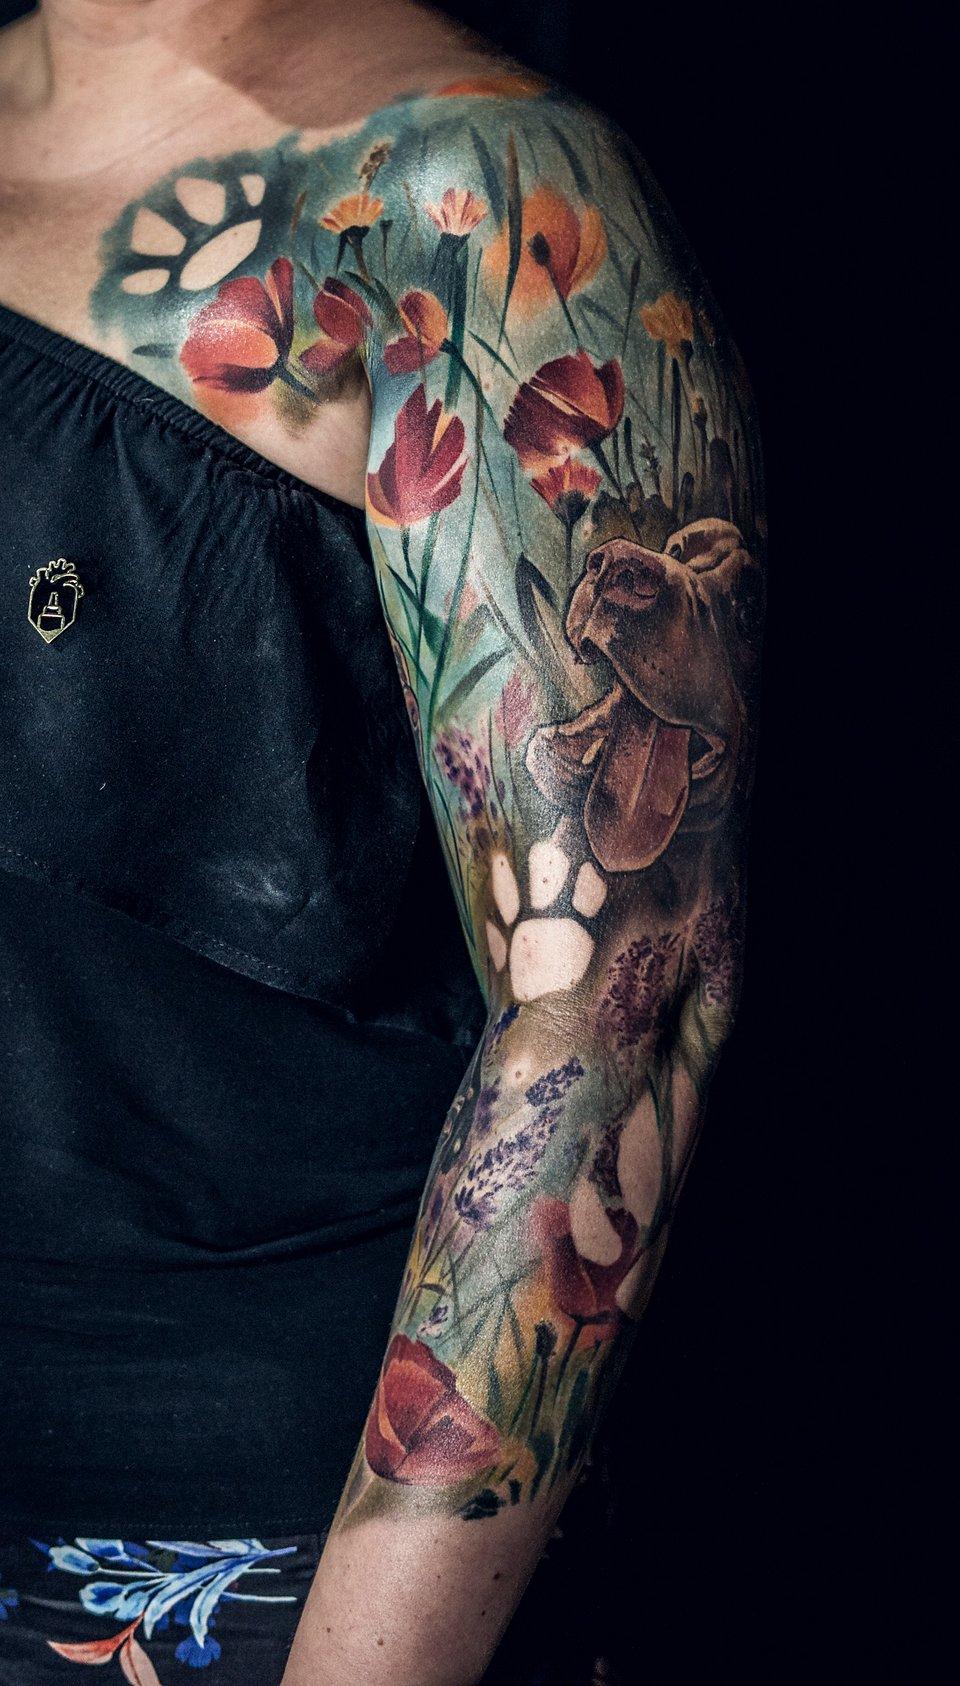 2MIEJSCE_najlepszy_tatuaz_REKAW_NOGAWKA_CALY_PRZOD_CALE PLECY_artysta_BARTEK_studio_SPEAK_IN_COLOR2.jpg